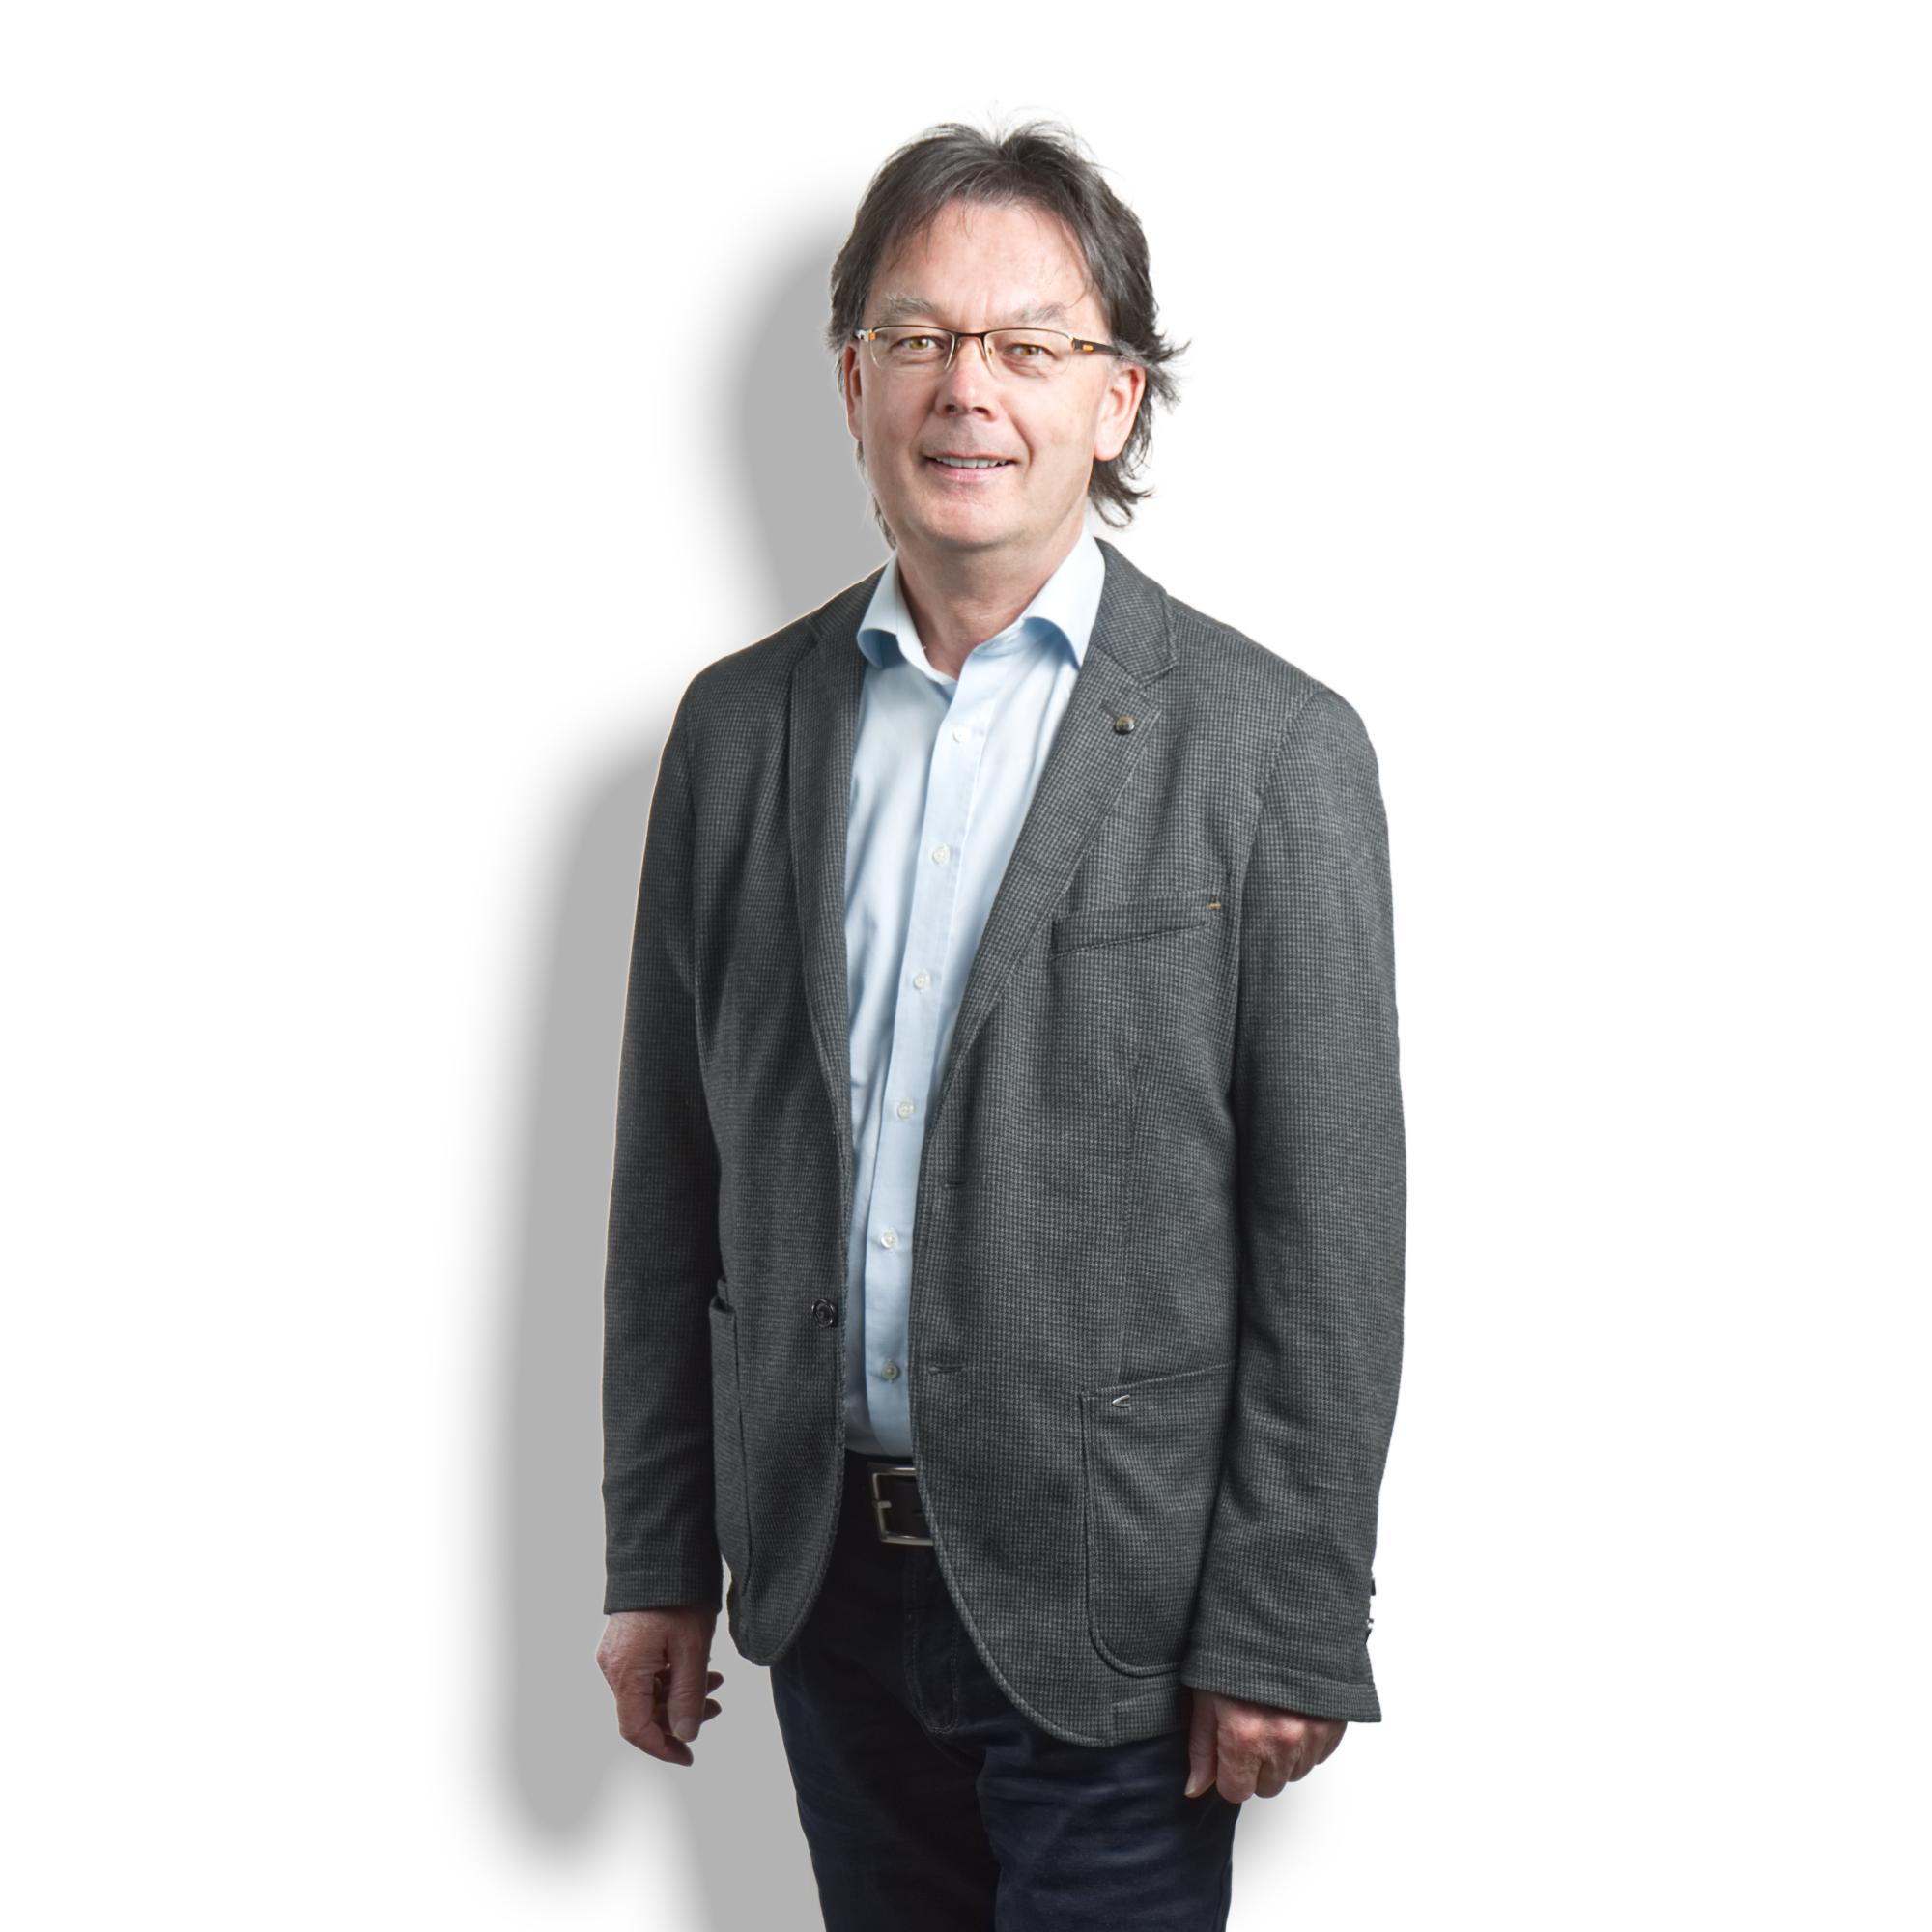 Karl Bentele